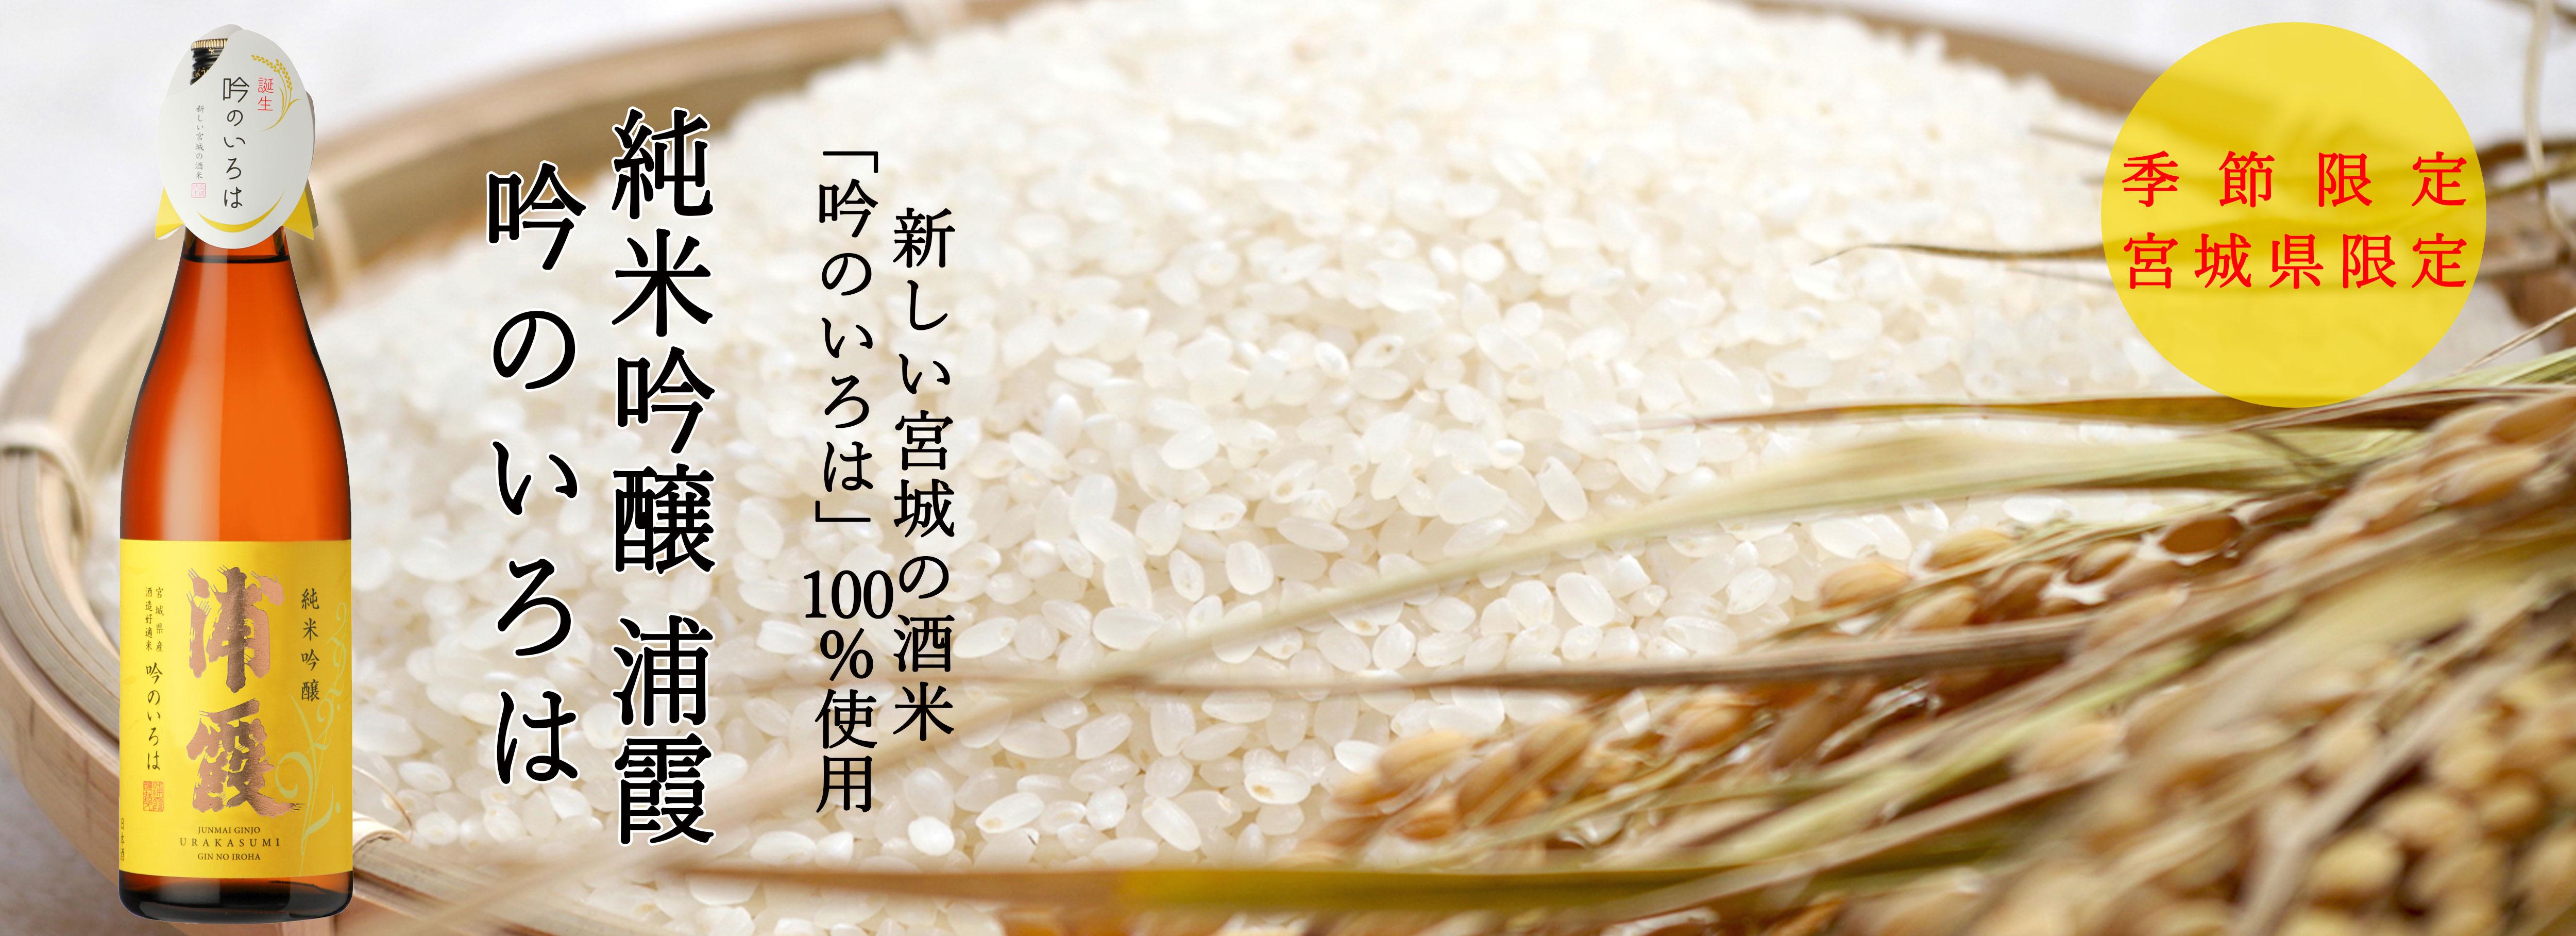 「純米吟醸 浦霞 吟のいろは」数量限定発売